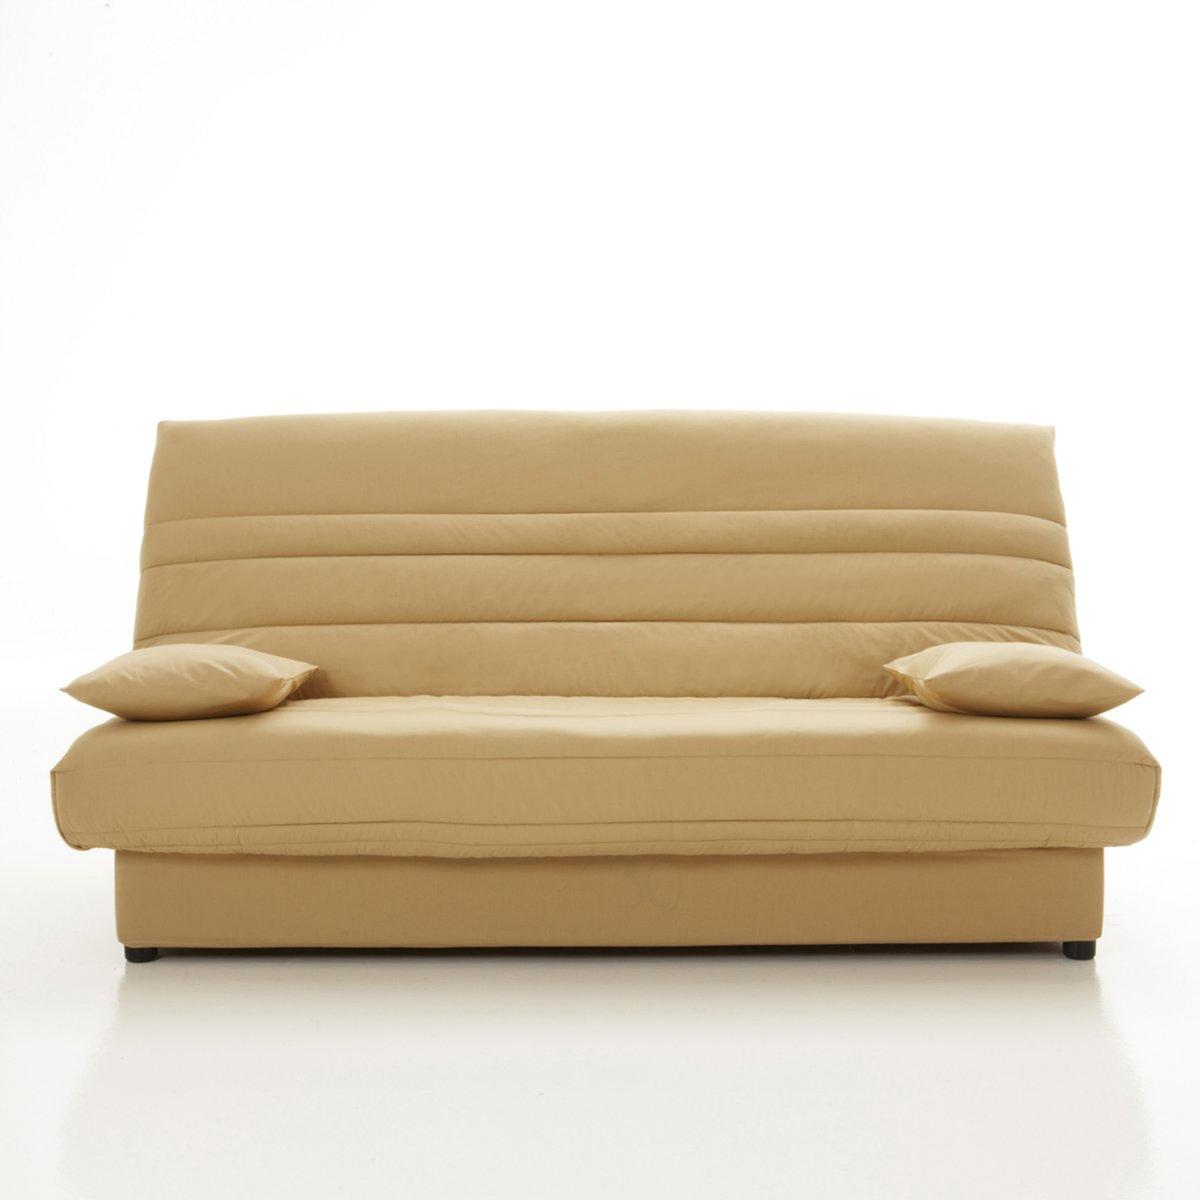 Чехол натяжной для дивана-книжки и складной тумбы, усовершенствованная модельЧехол для дивана-книжки, усовершенствованная модель : Для дивана-книжки и складной тумбы, позволит продлить срок службы вашей мебели  ! Сделано в Европе.Размеры чехла :3 варианта ширины :Ширина: 120 см.Ширина  130 смШирина 140 смОписание :- Стеганый чехол с наполнителем из полиэстера (250 г/м?)- На резинке.- Поставляется в комплекте с 2 чехлами на подушку-валик и лентой для складной тумбыОбивка :- Однотонная расцветка : 100% хлопок, пропитка от пятен (250 г/м?)- Расцветка с рисунком : 50% хлопка, 50% полиэстера- Меланжевая расцветка : 100% полиэстер- Предоставляем бесплатные образцы материала : Введите примеры дивана-книжки в поисковой системе на сайте laredoute.ru.Другие модели коллекции чехлов с защелками вы можете найти на сайте laredoute.ru<br><br>Цвет: антрацит,бежевый песочный,горчичный,красный,светло-серый,серо-каштановый меланж,серо-коричневый каштан,сине-зеленый,синий морской,темно-серый меланж,шоколадно-каштановый<br>Размер: 120 x 190  см.140 x 190  см